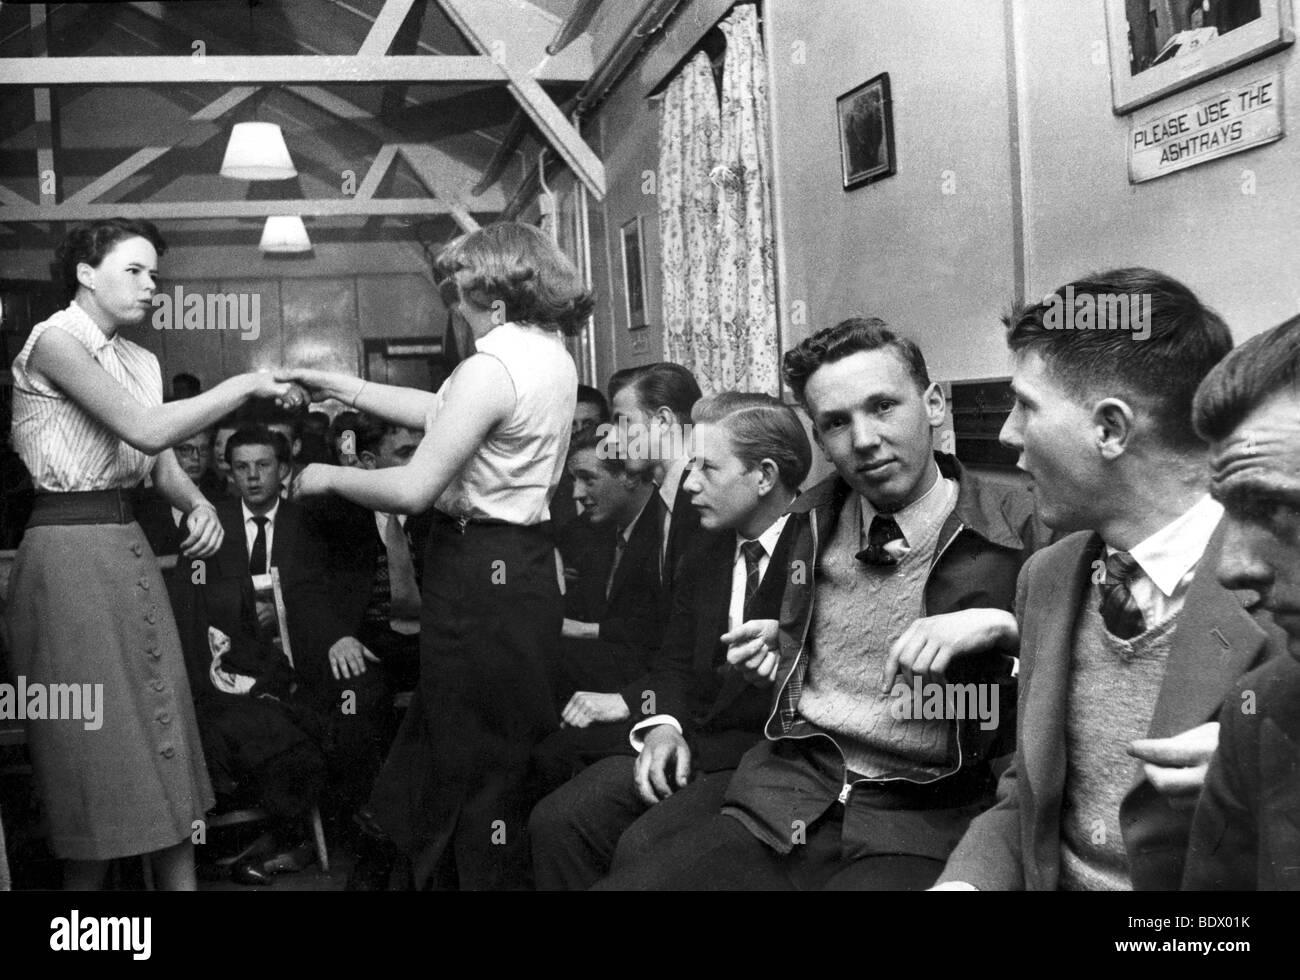 Clube de dança adolescente no sul de Londres em 1957 Imagens de Stock